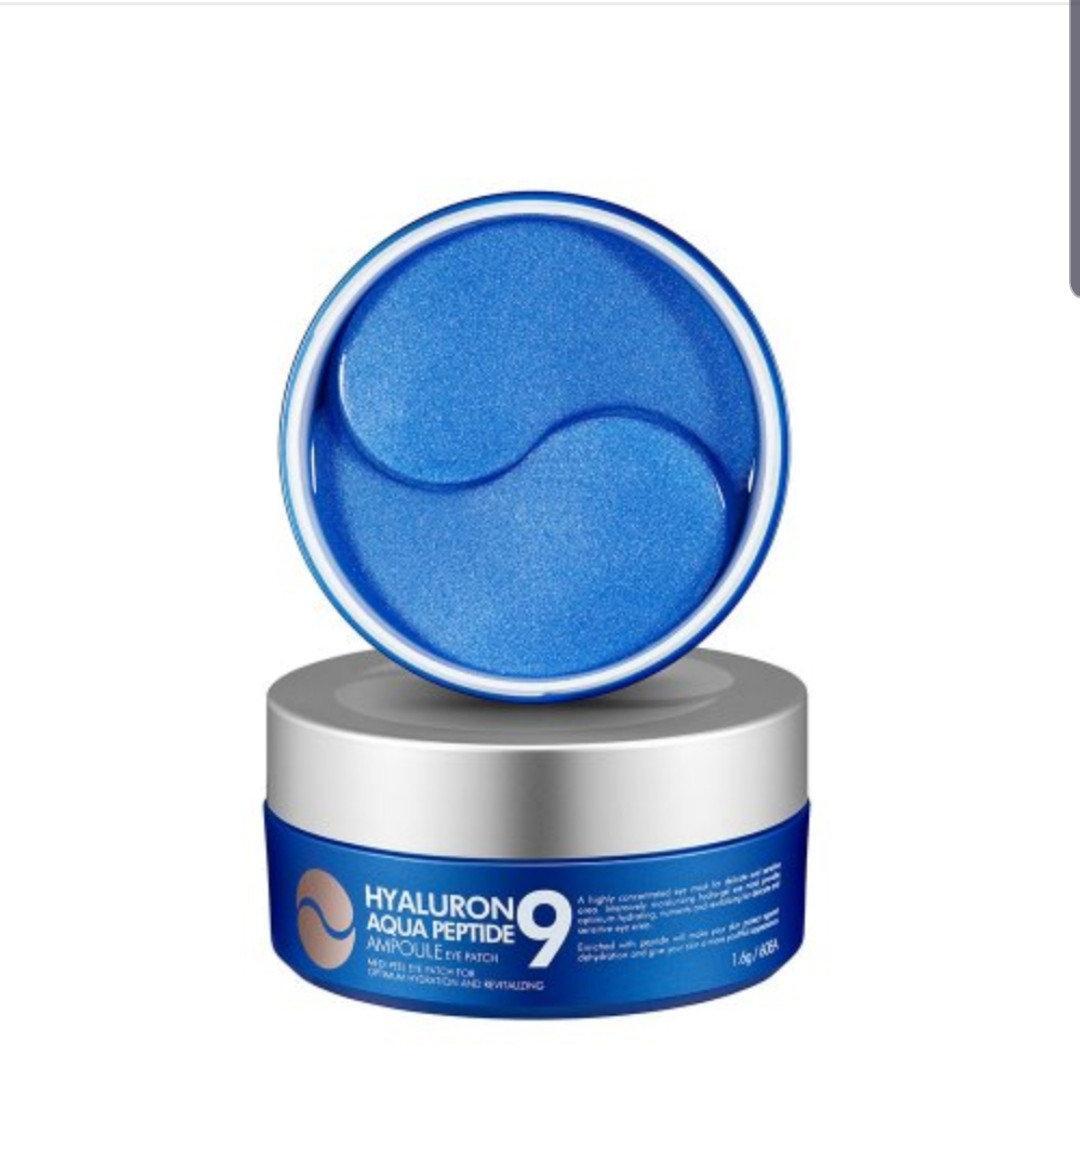 Патчи MEDI-PEEL увлажняющие с гиалуроновой кислотой Hyaluron Aqua Peptide 9 Eye Patch 60 шт